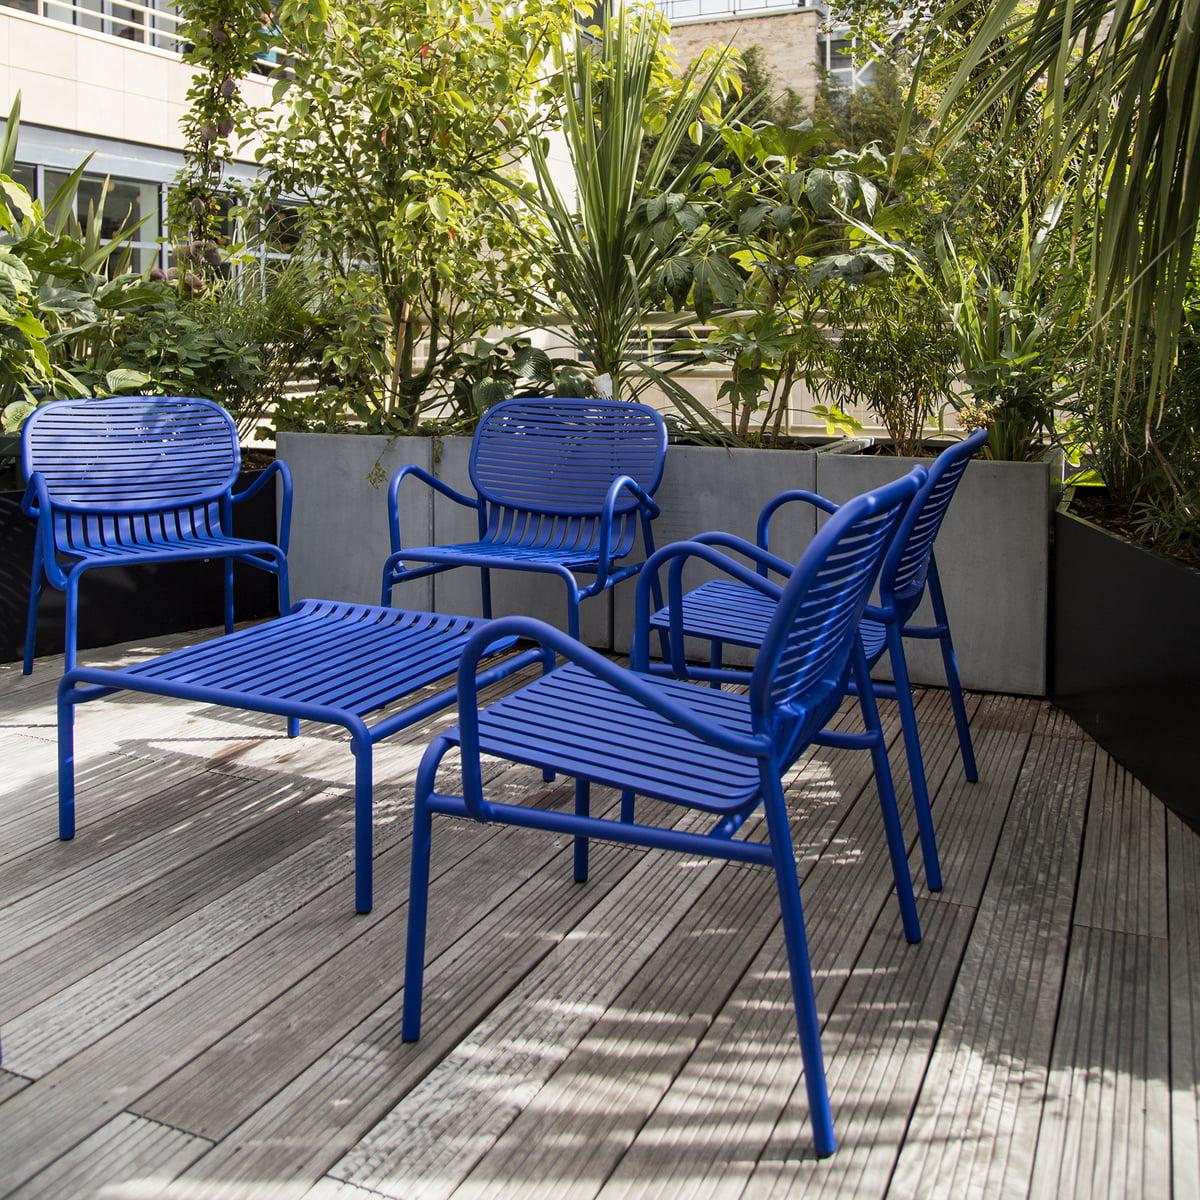 Banc de jardin week end connox for Connox com